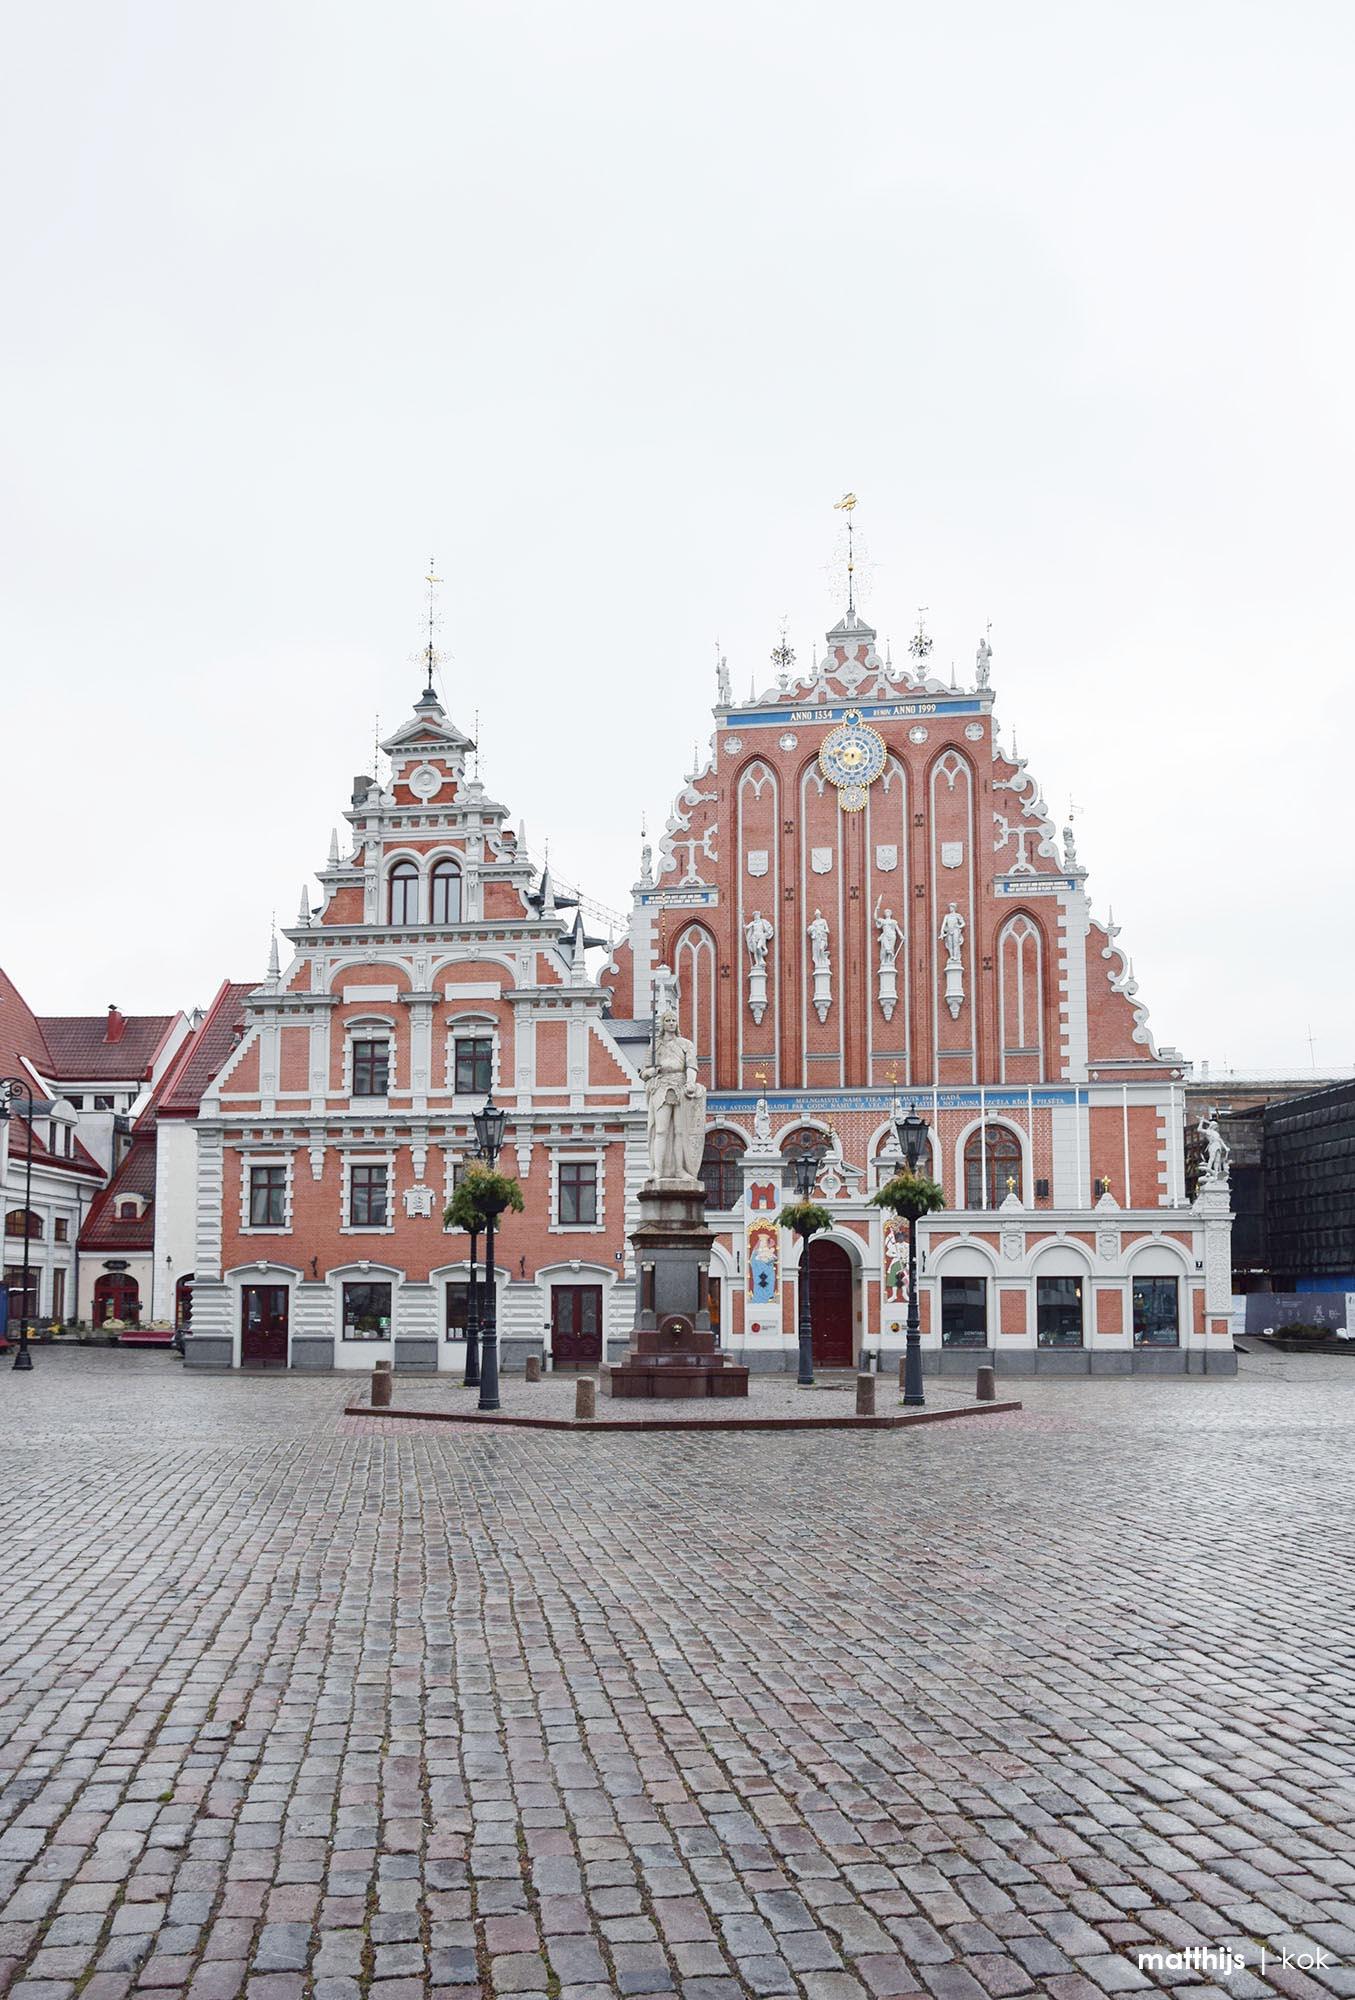 House of the Blackheads, Riga, Latvia   Photo by Matthijs Kok